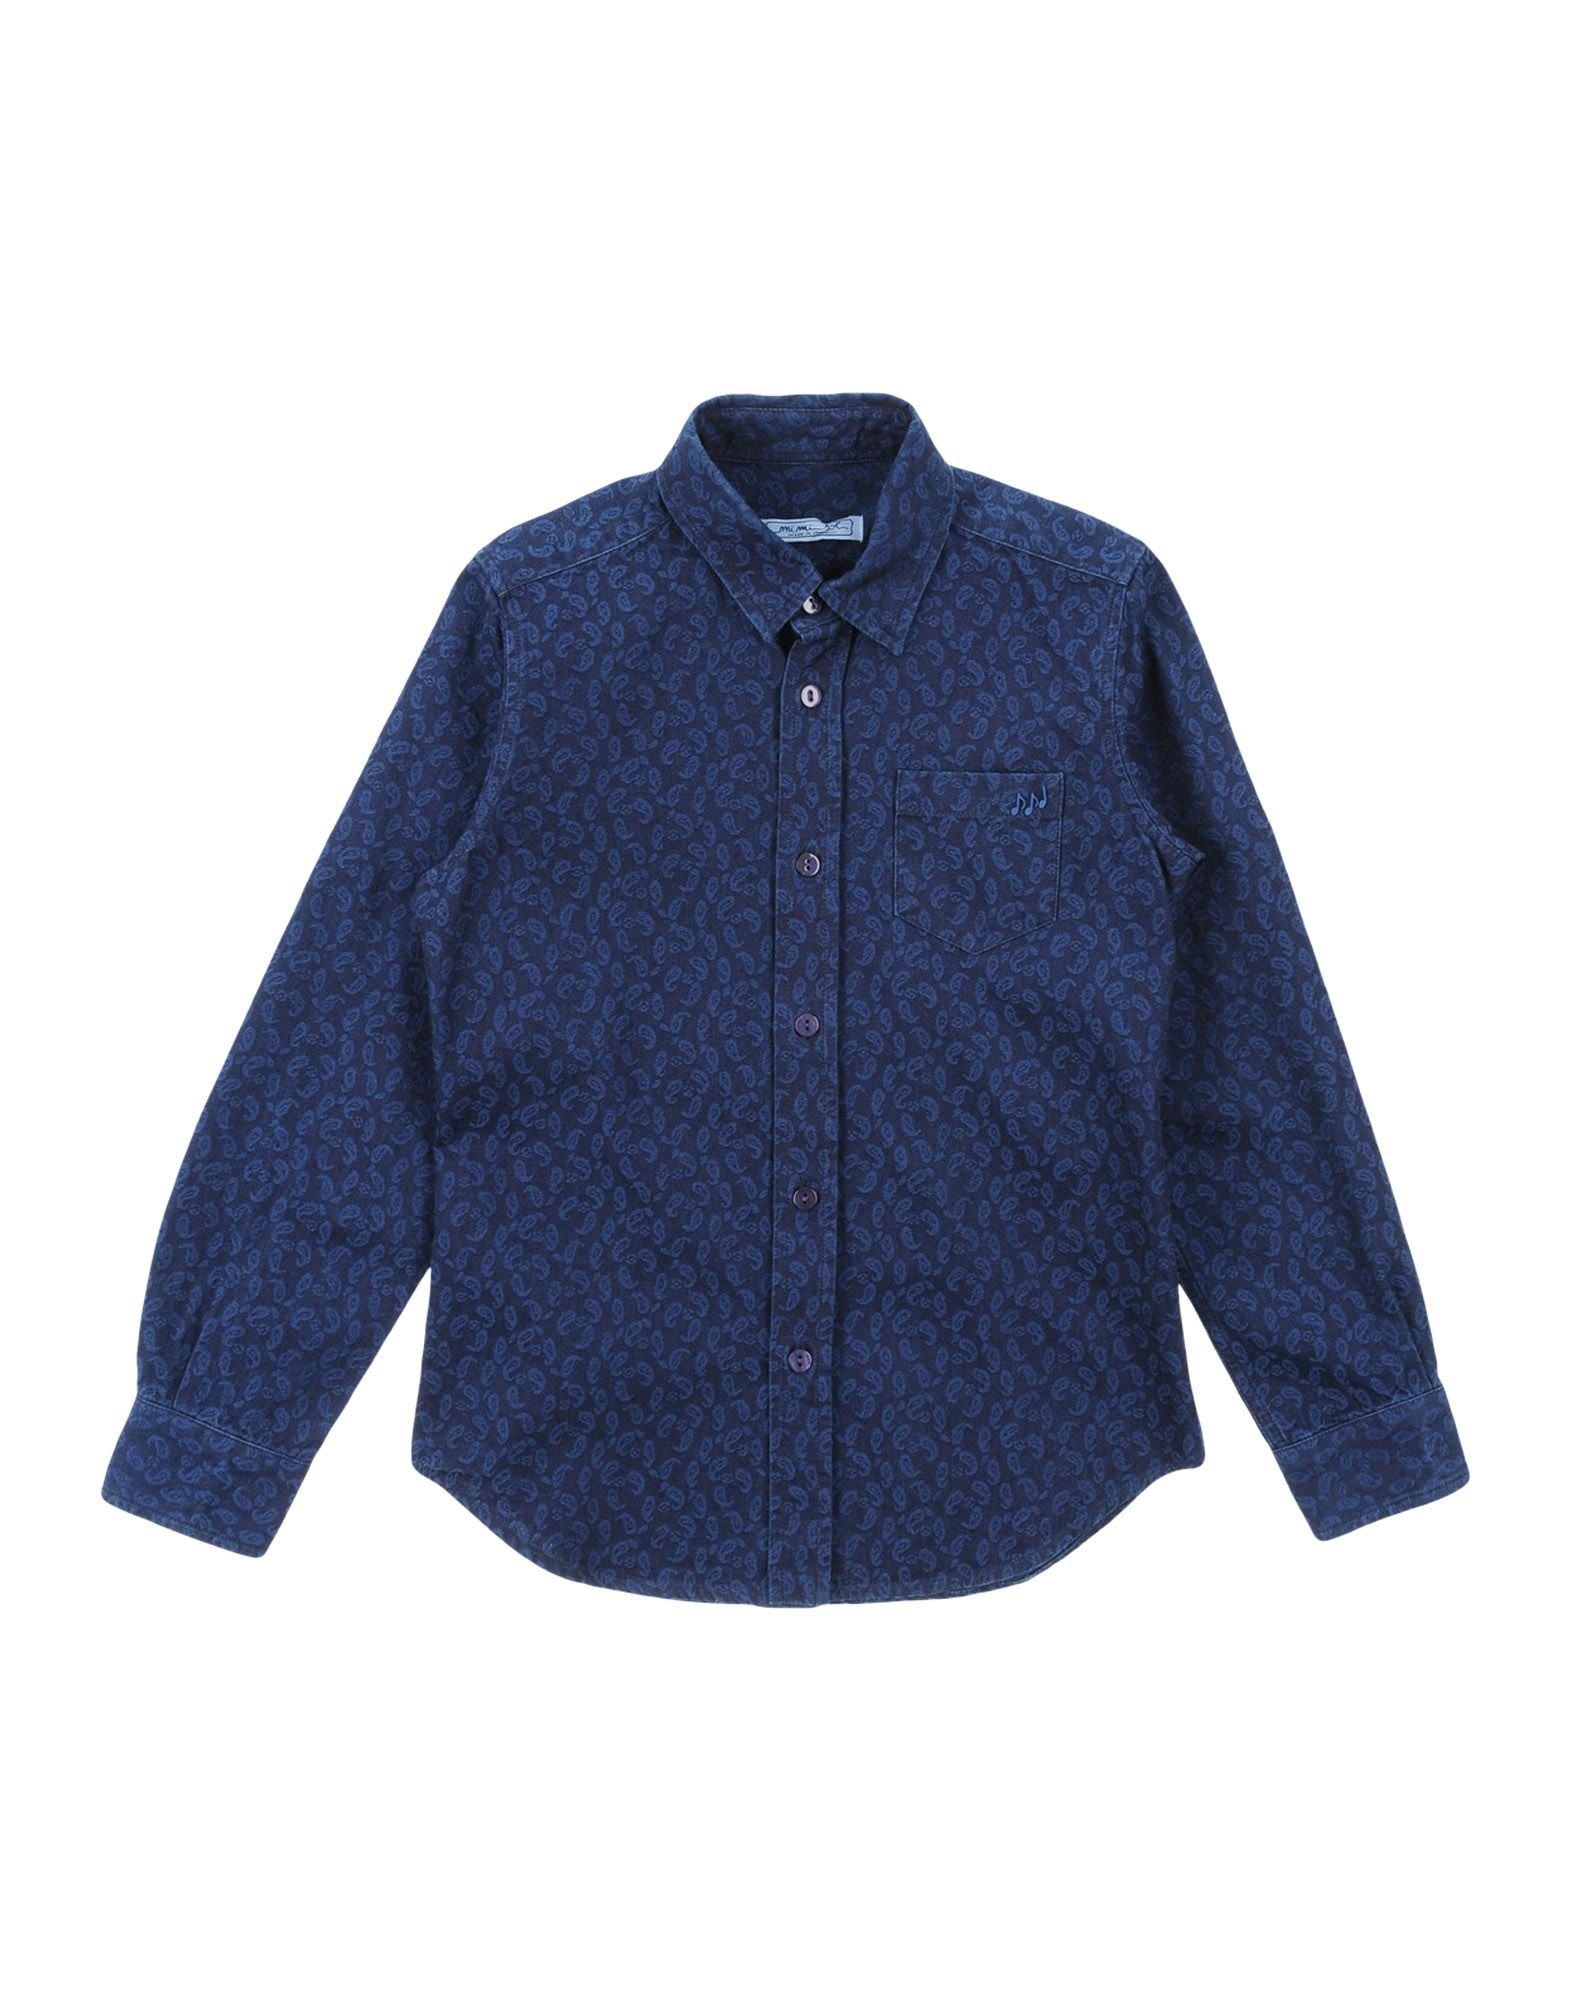 MIMISOL Denim shirts